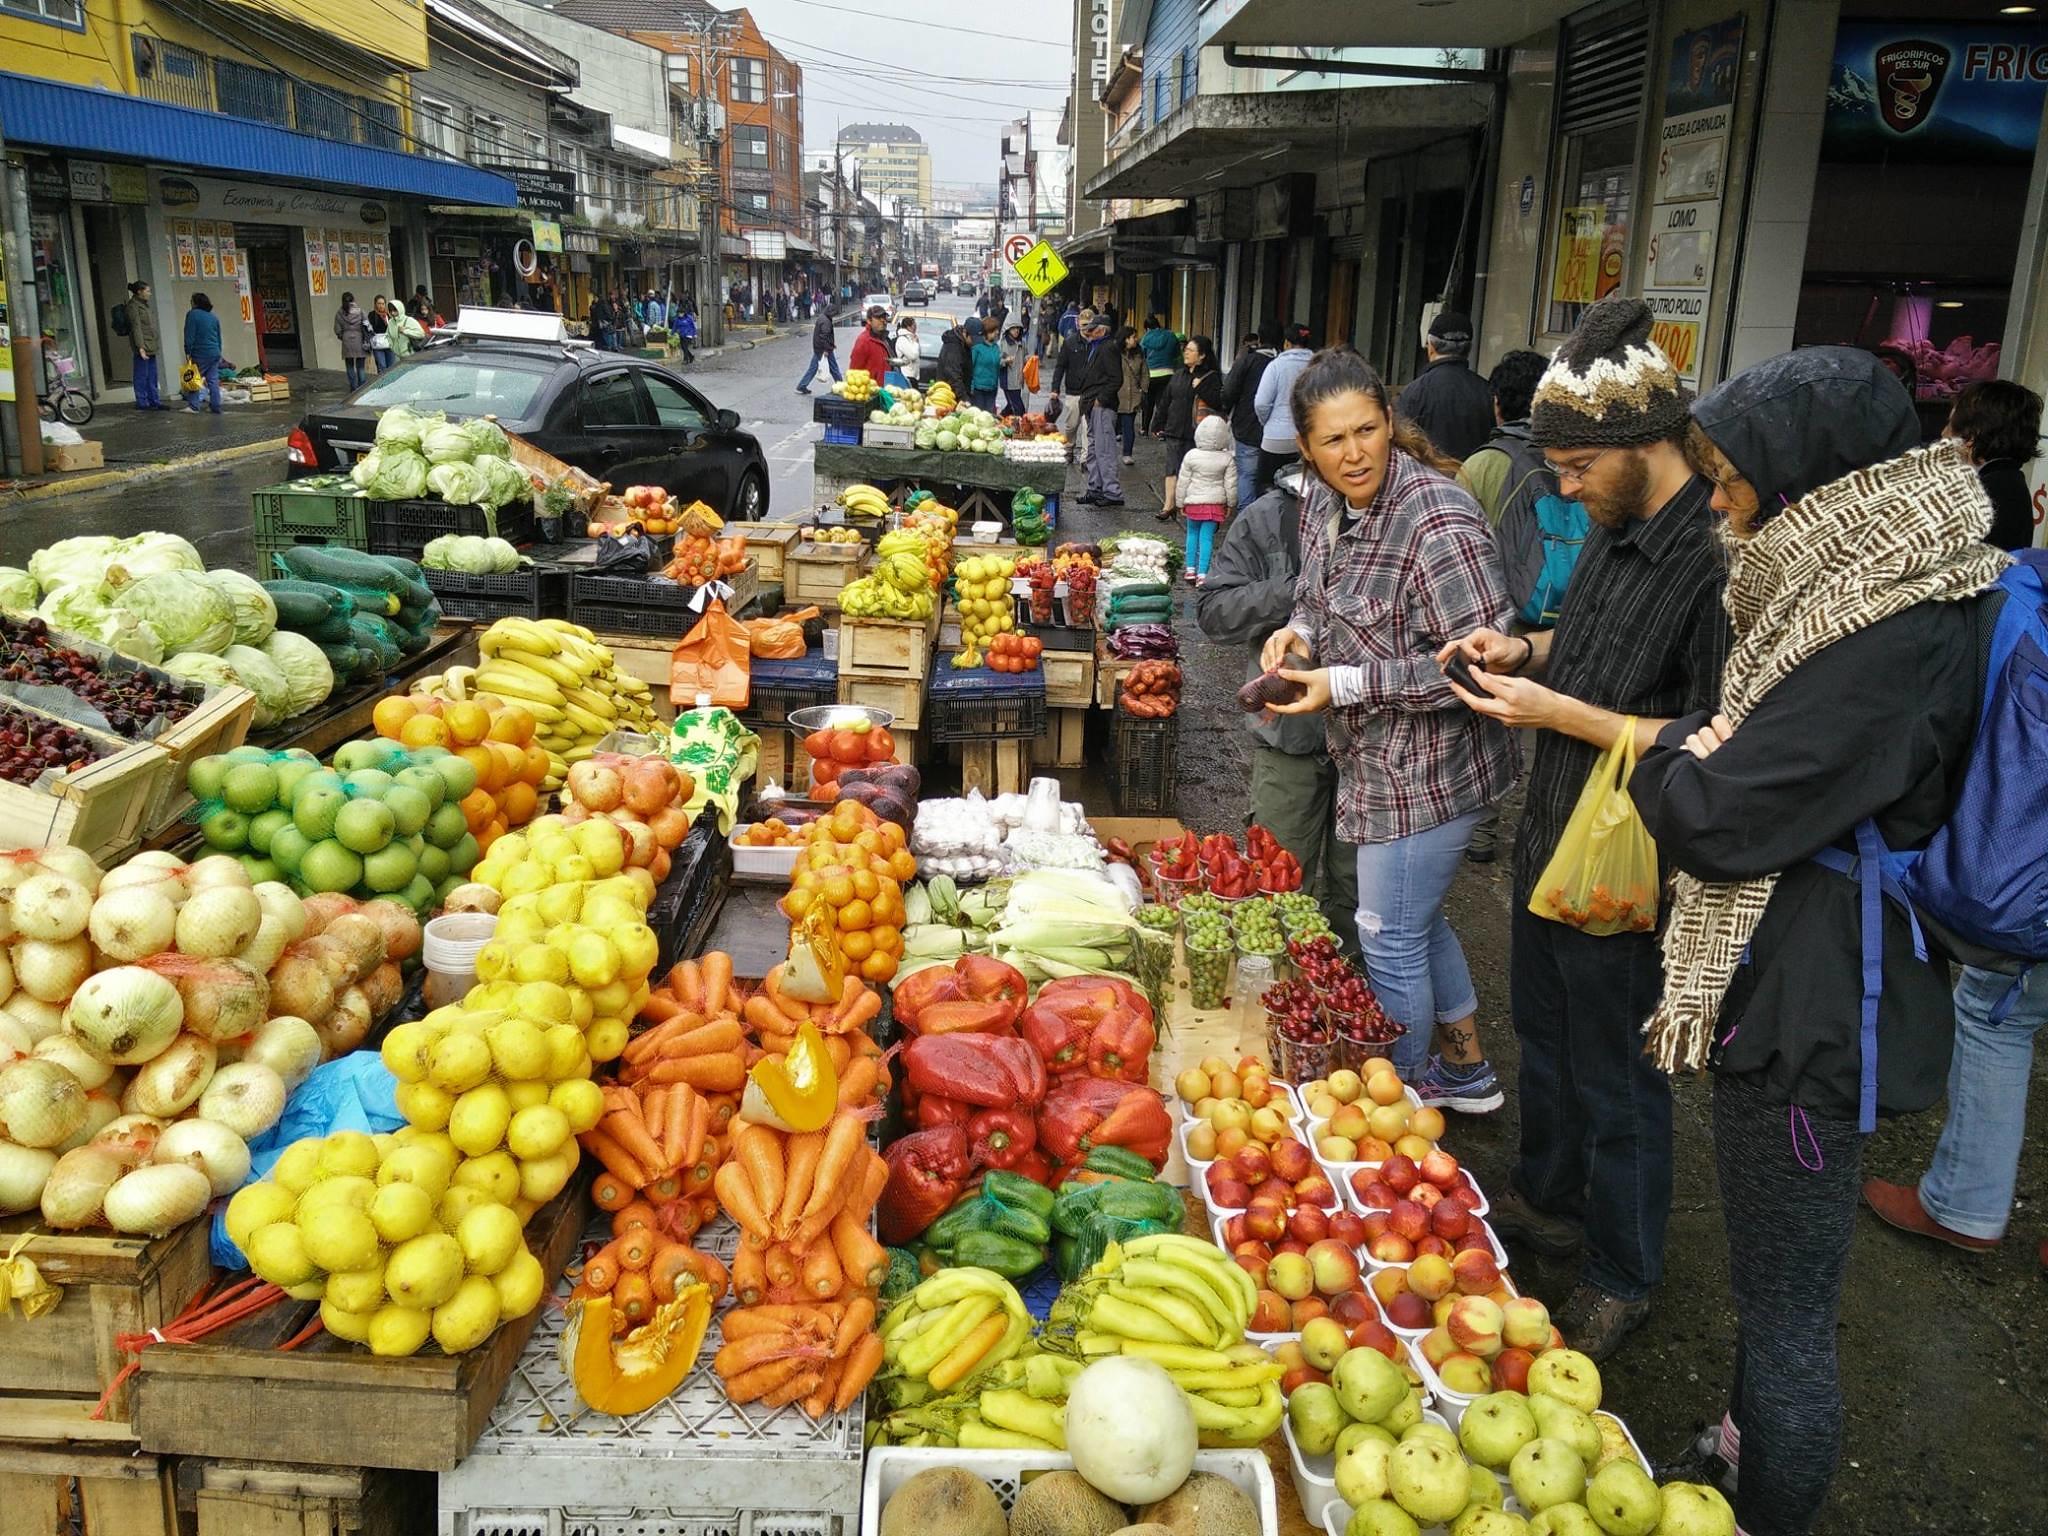 Us buying fruit in Puerto Montt